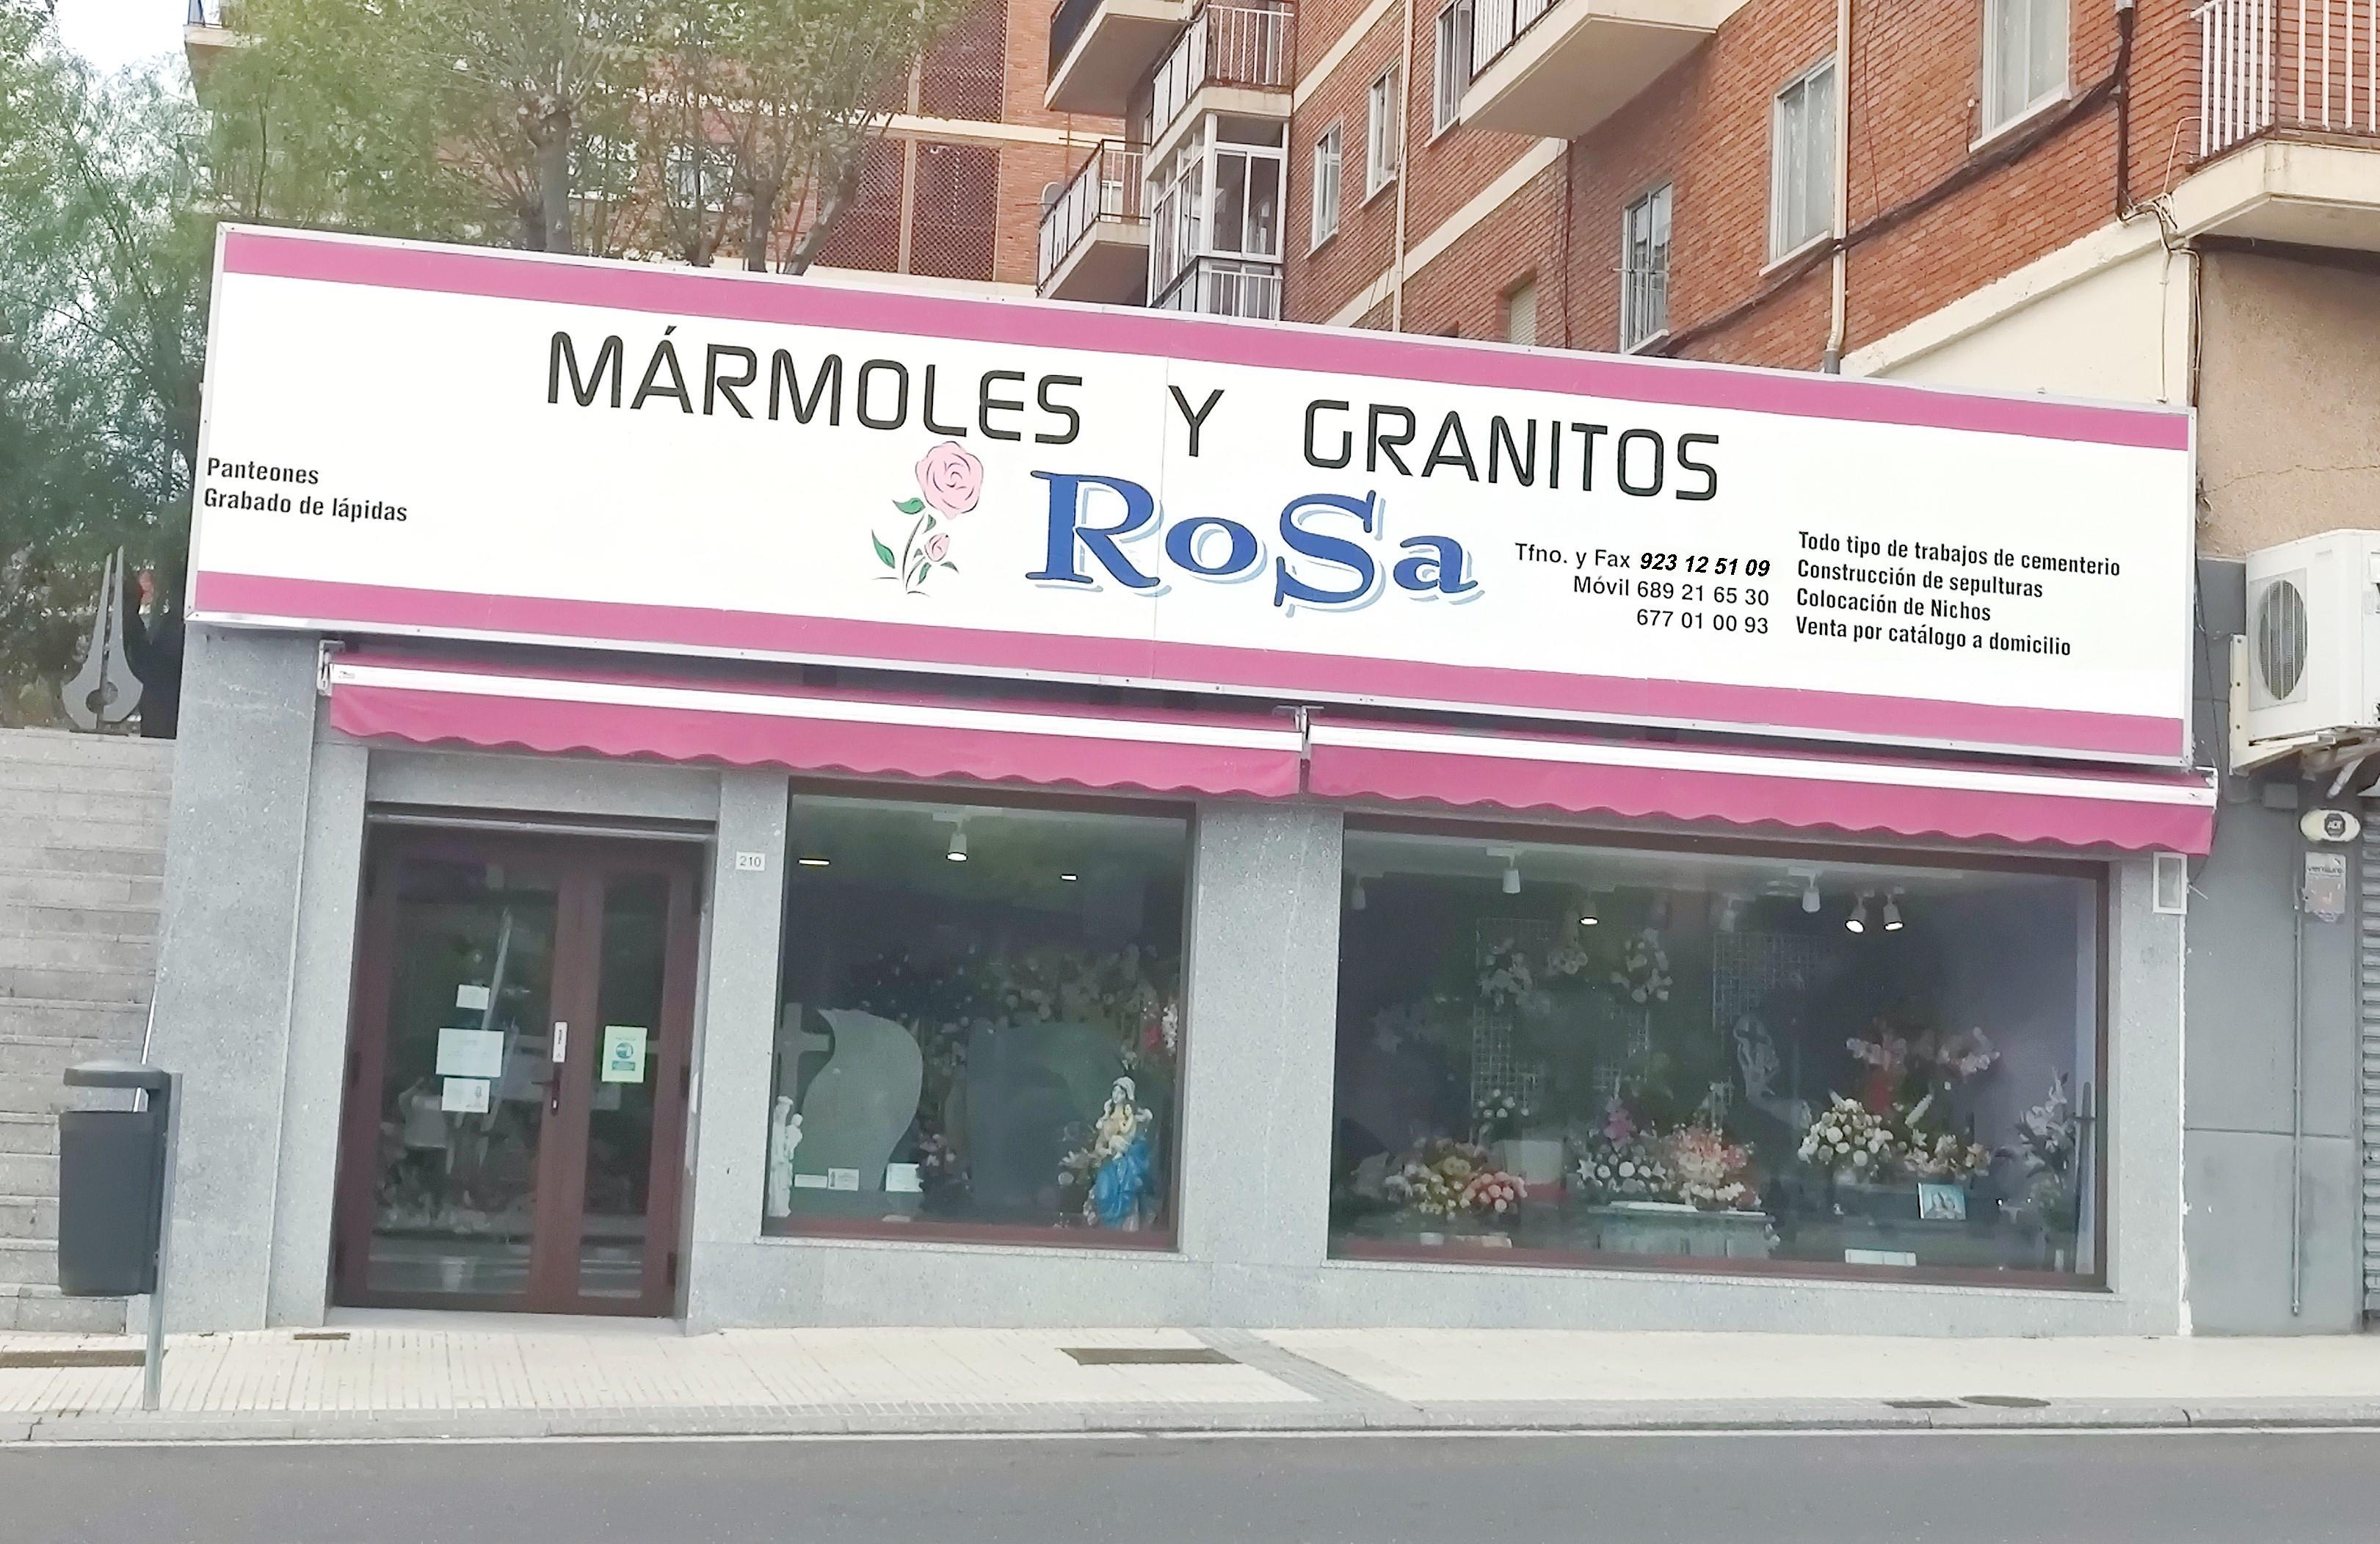 Marmoles y Granitos Rosa Fotos